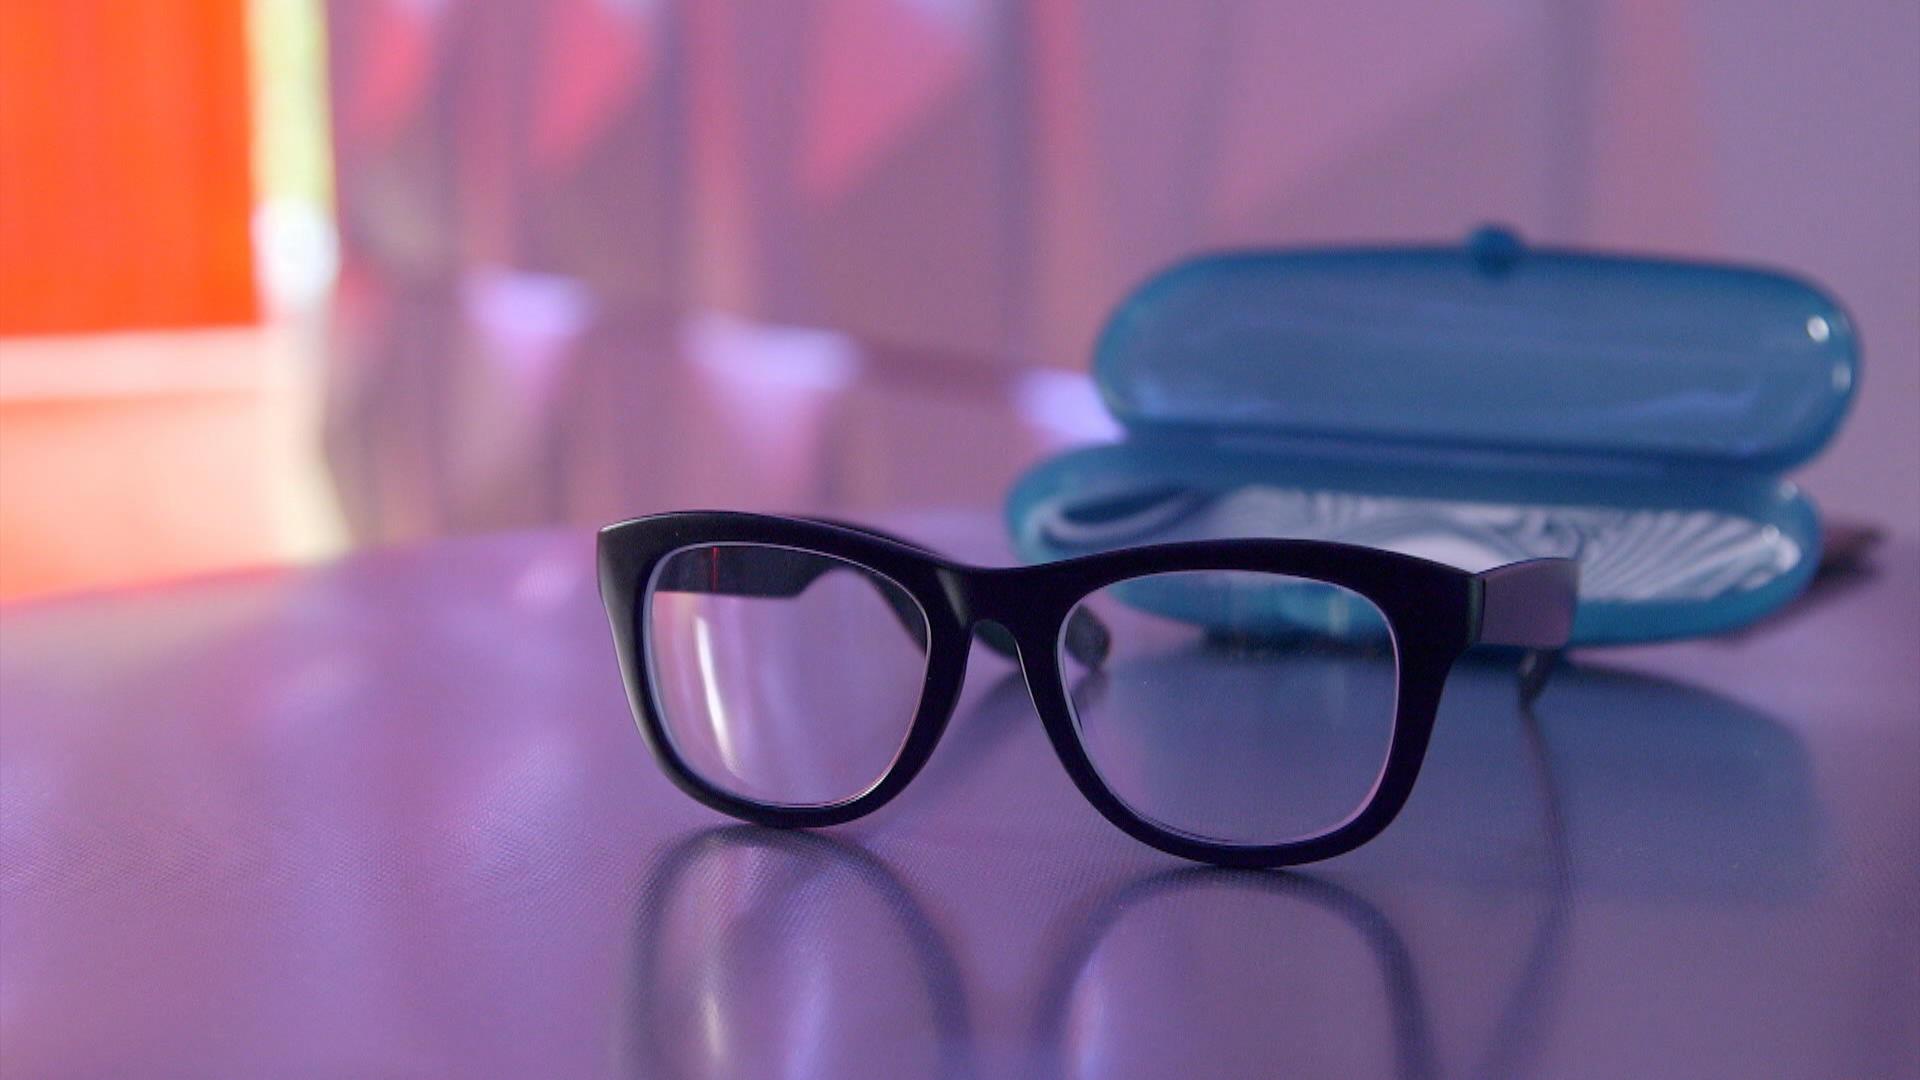 Achat de lunettes en ligne   Ça vaut le coût   Zone Vidéo Télé-Québec 2f736bd973bf